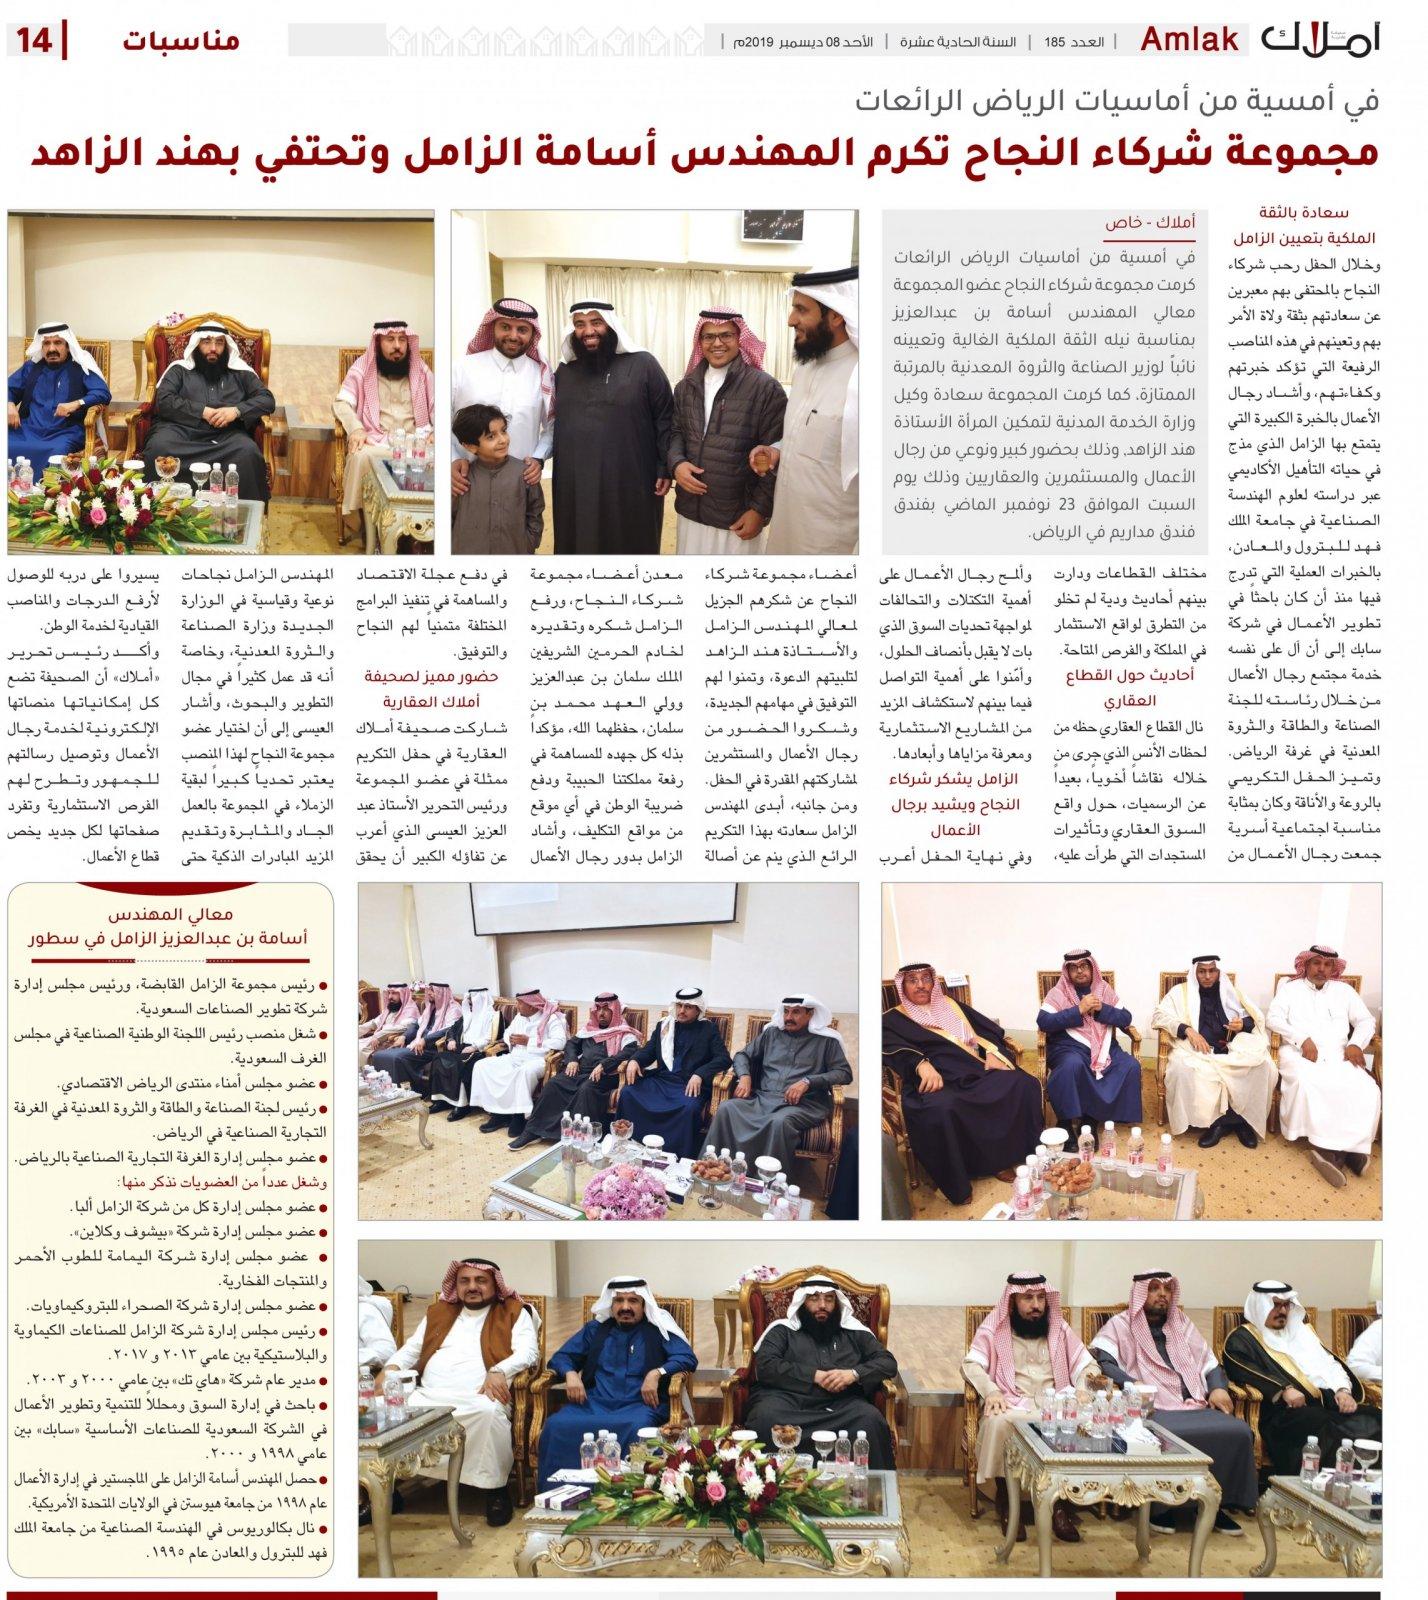 شركاء النجاح تحتفي بالزامل - عقارات الرياض